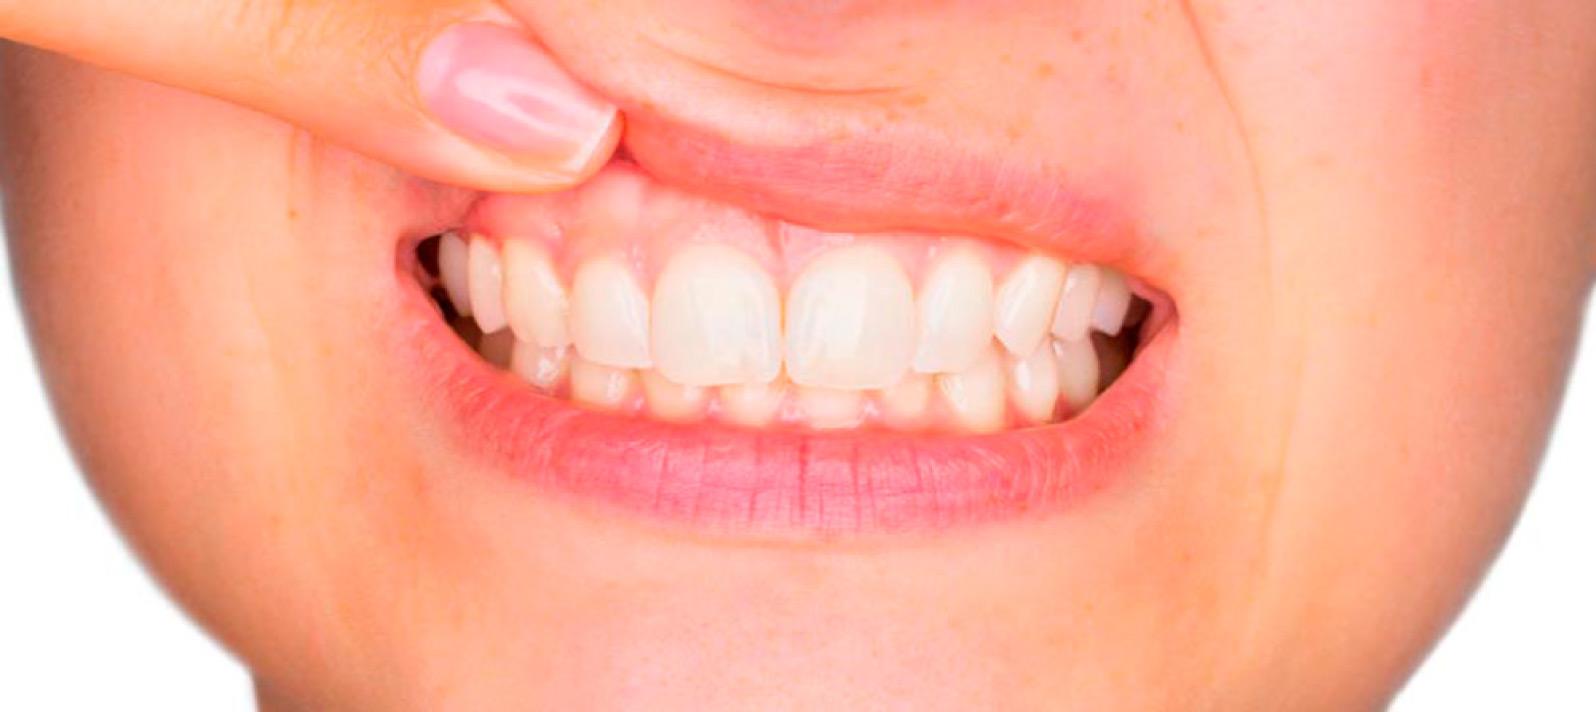 Evita que te sangren las encías y posibles enfermedades periodontales